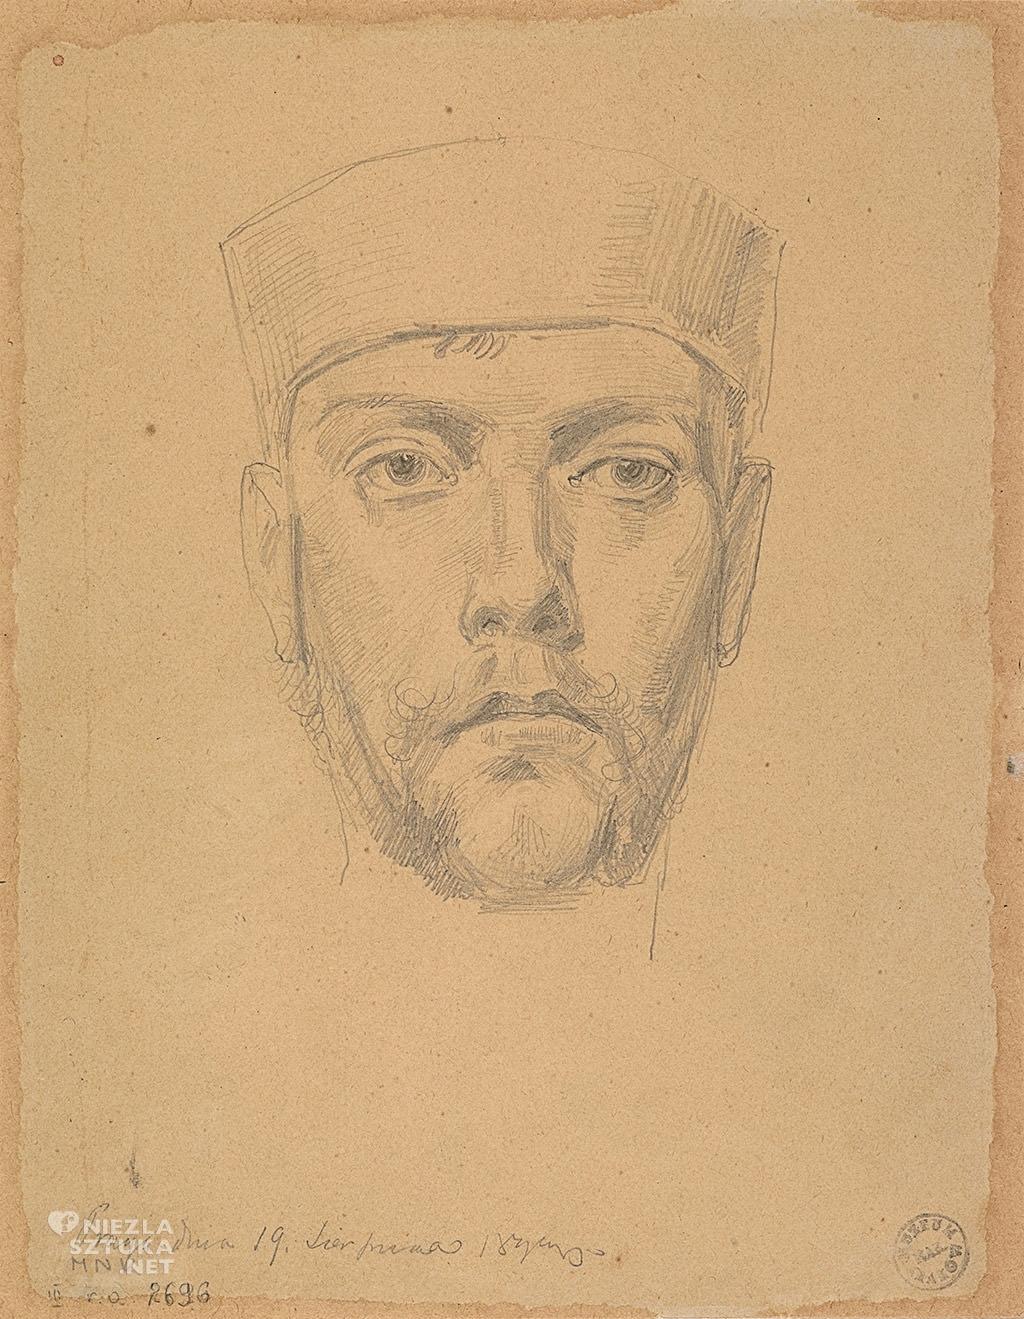 Stanisław Wyspiański, Autoportret, Muzeum Narodowe, Kraków, Niezła sztuka